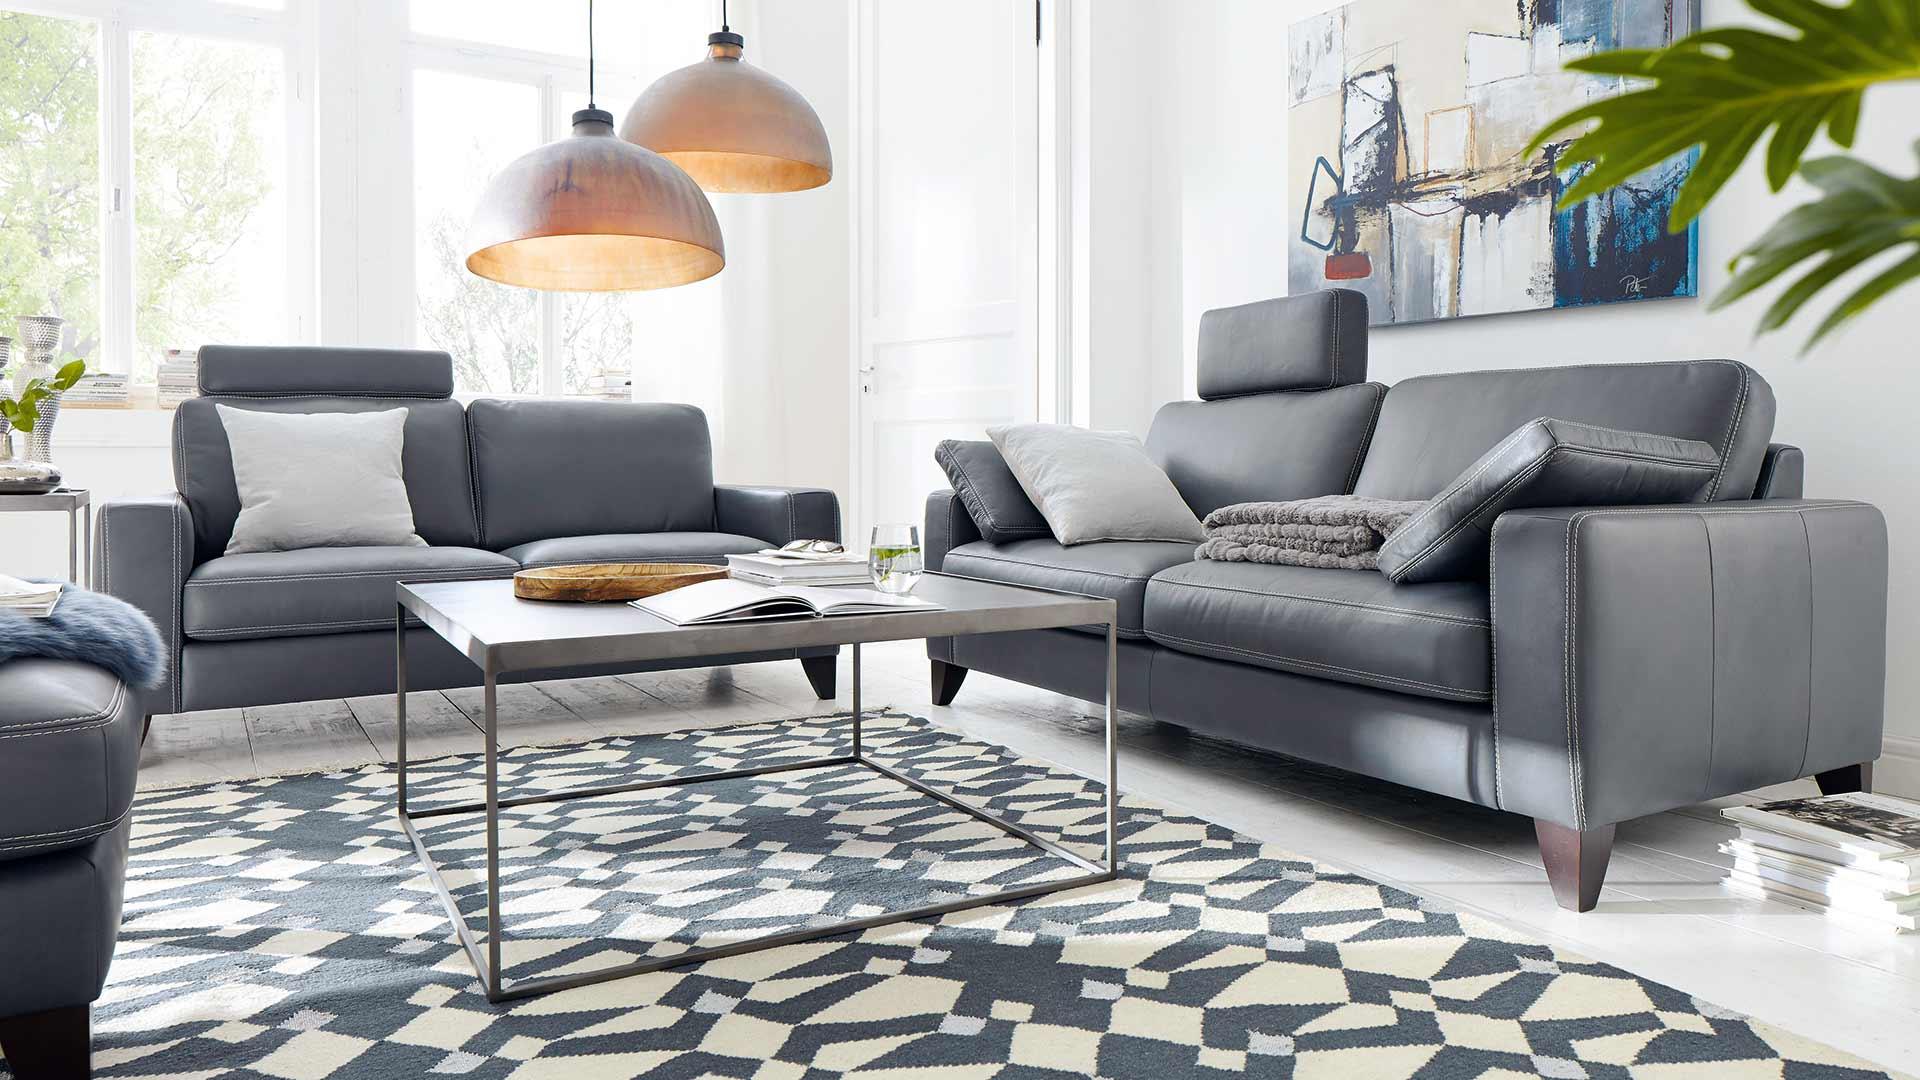 natura 9770 von natura einrichten in moormerland ot warsingsfehn nahe leer ostfriesland. Black Bedroom Furniture Sets. Home Design Ideas